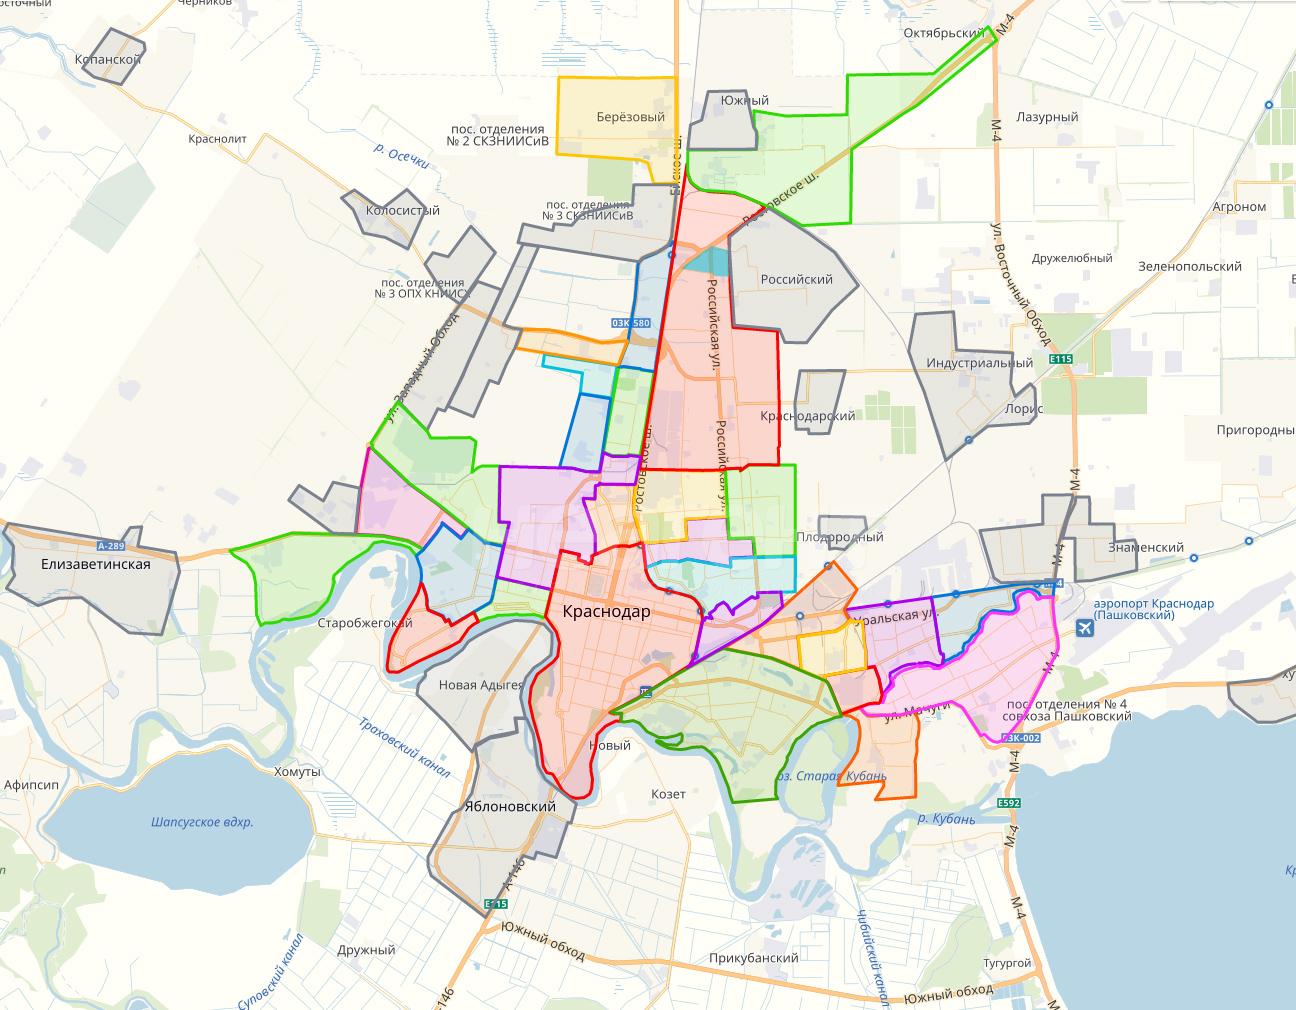 Карта районов